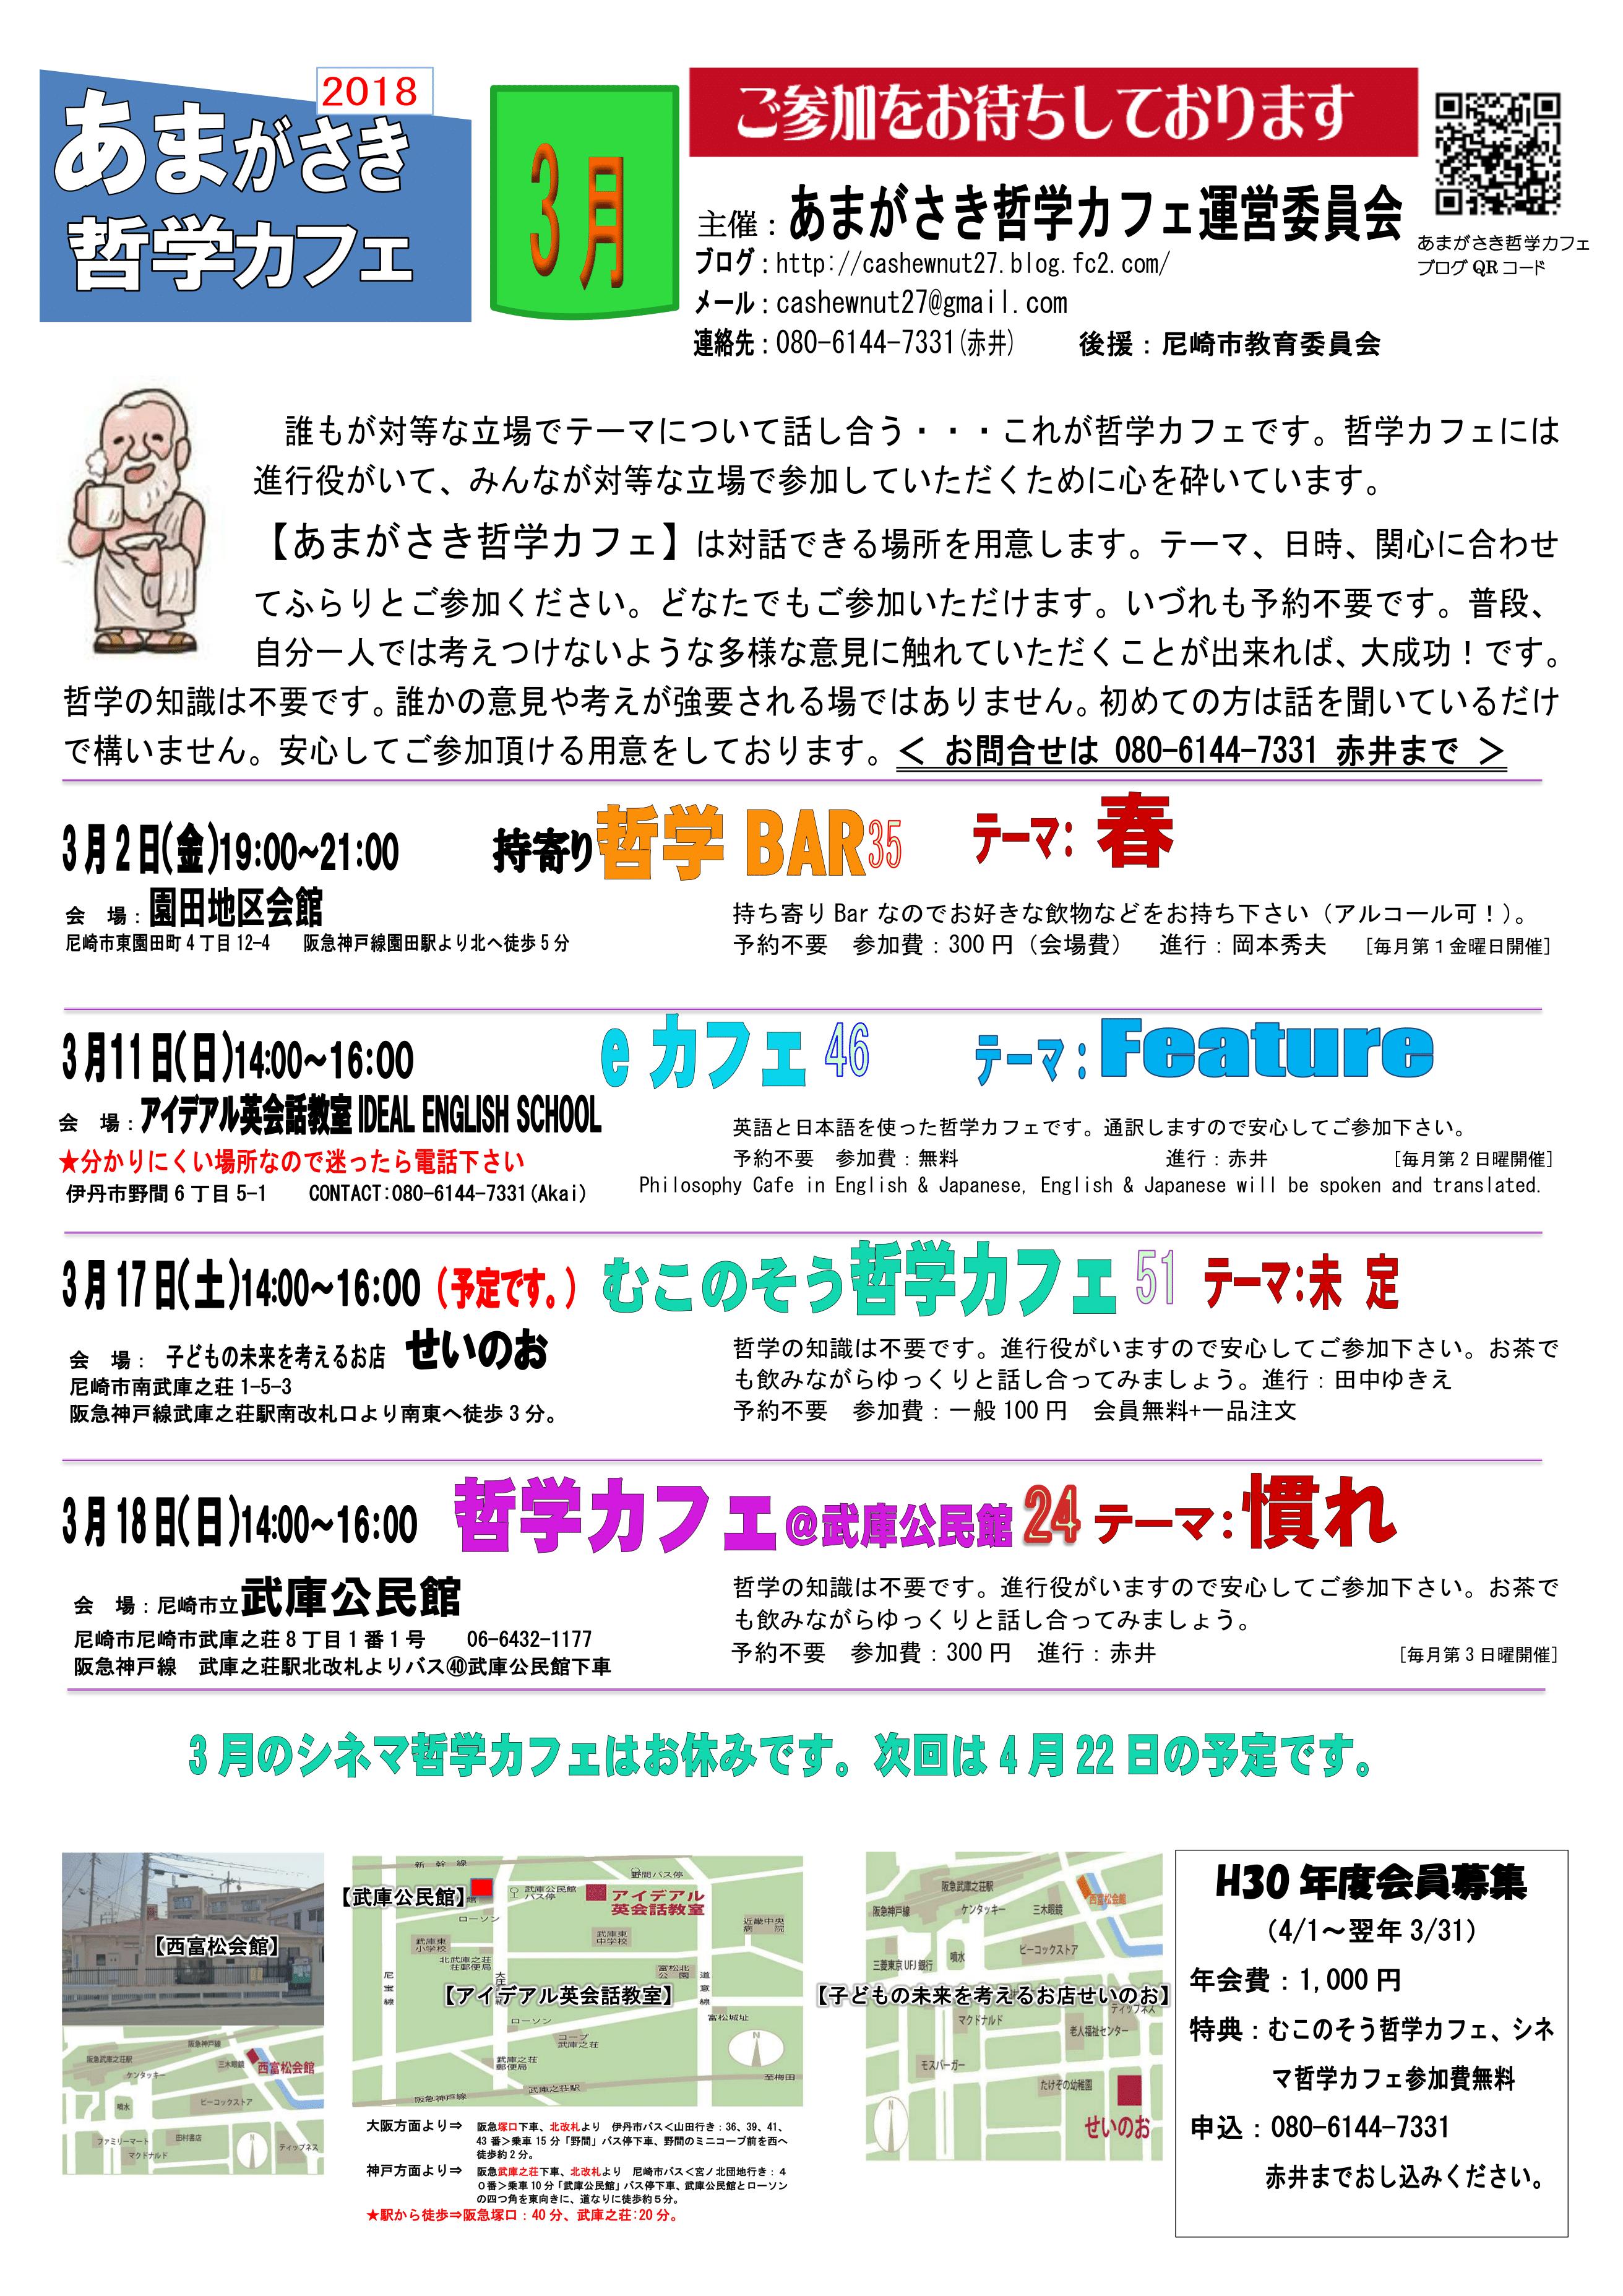 01803ポスター